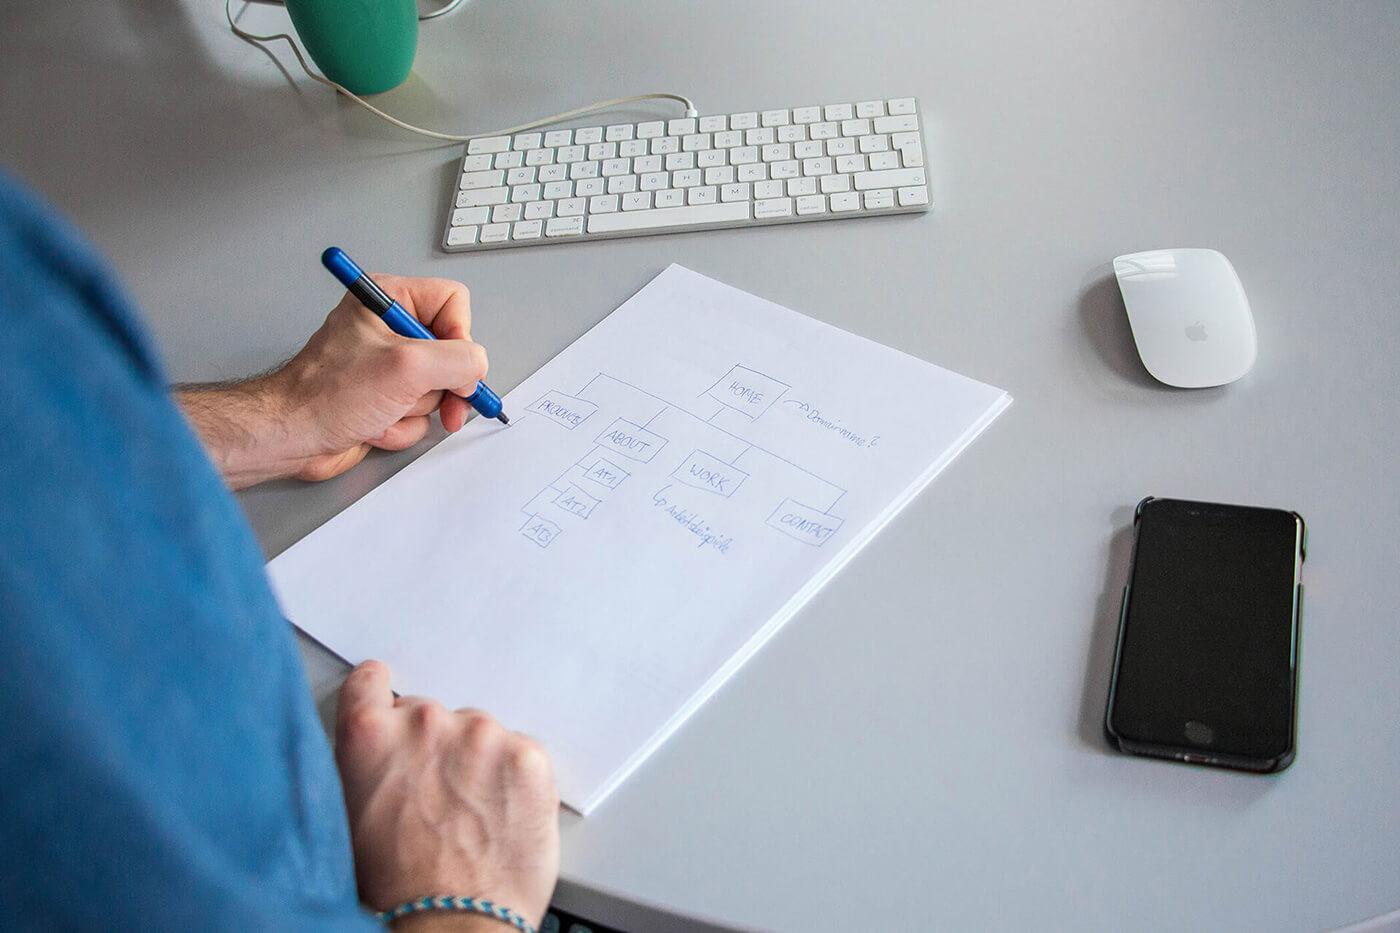 Ein Mann skizziert eine Website-Struktur auf einem Papier auf einem Tisch.